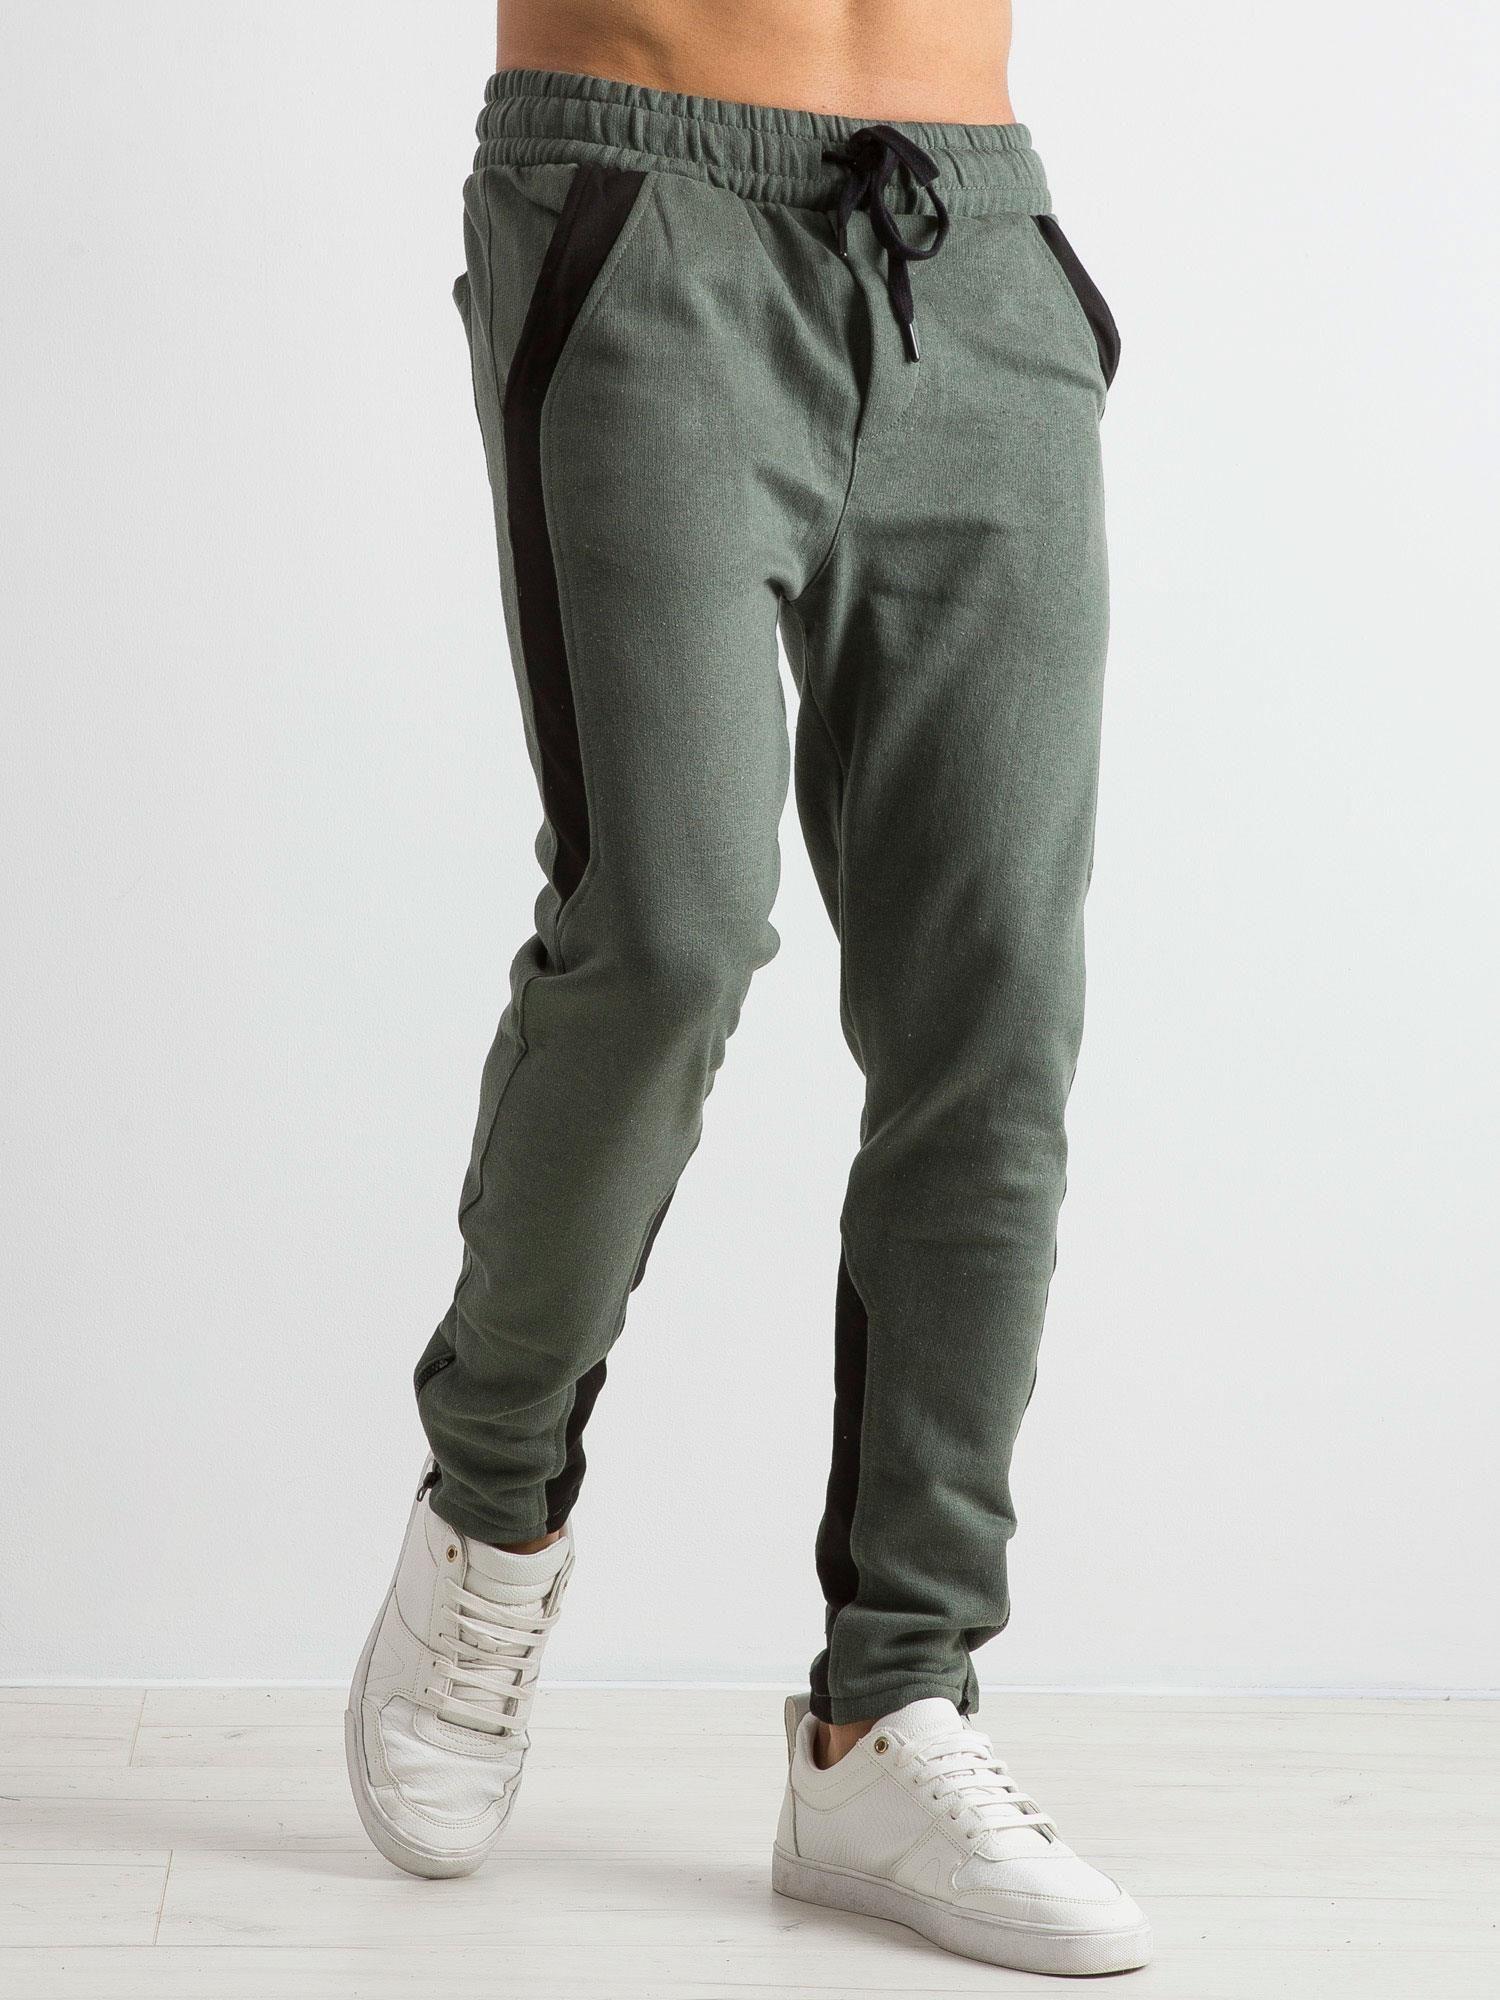 ea2e1ea84d2ff Khaki spodnie dresowe męskie Durable - Mężczyźni Spodnie dresowe ...